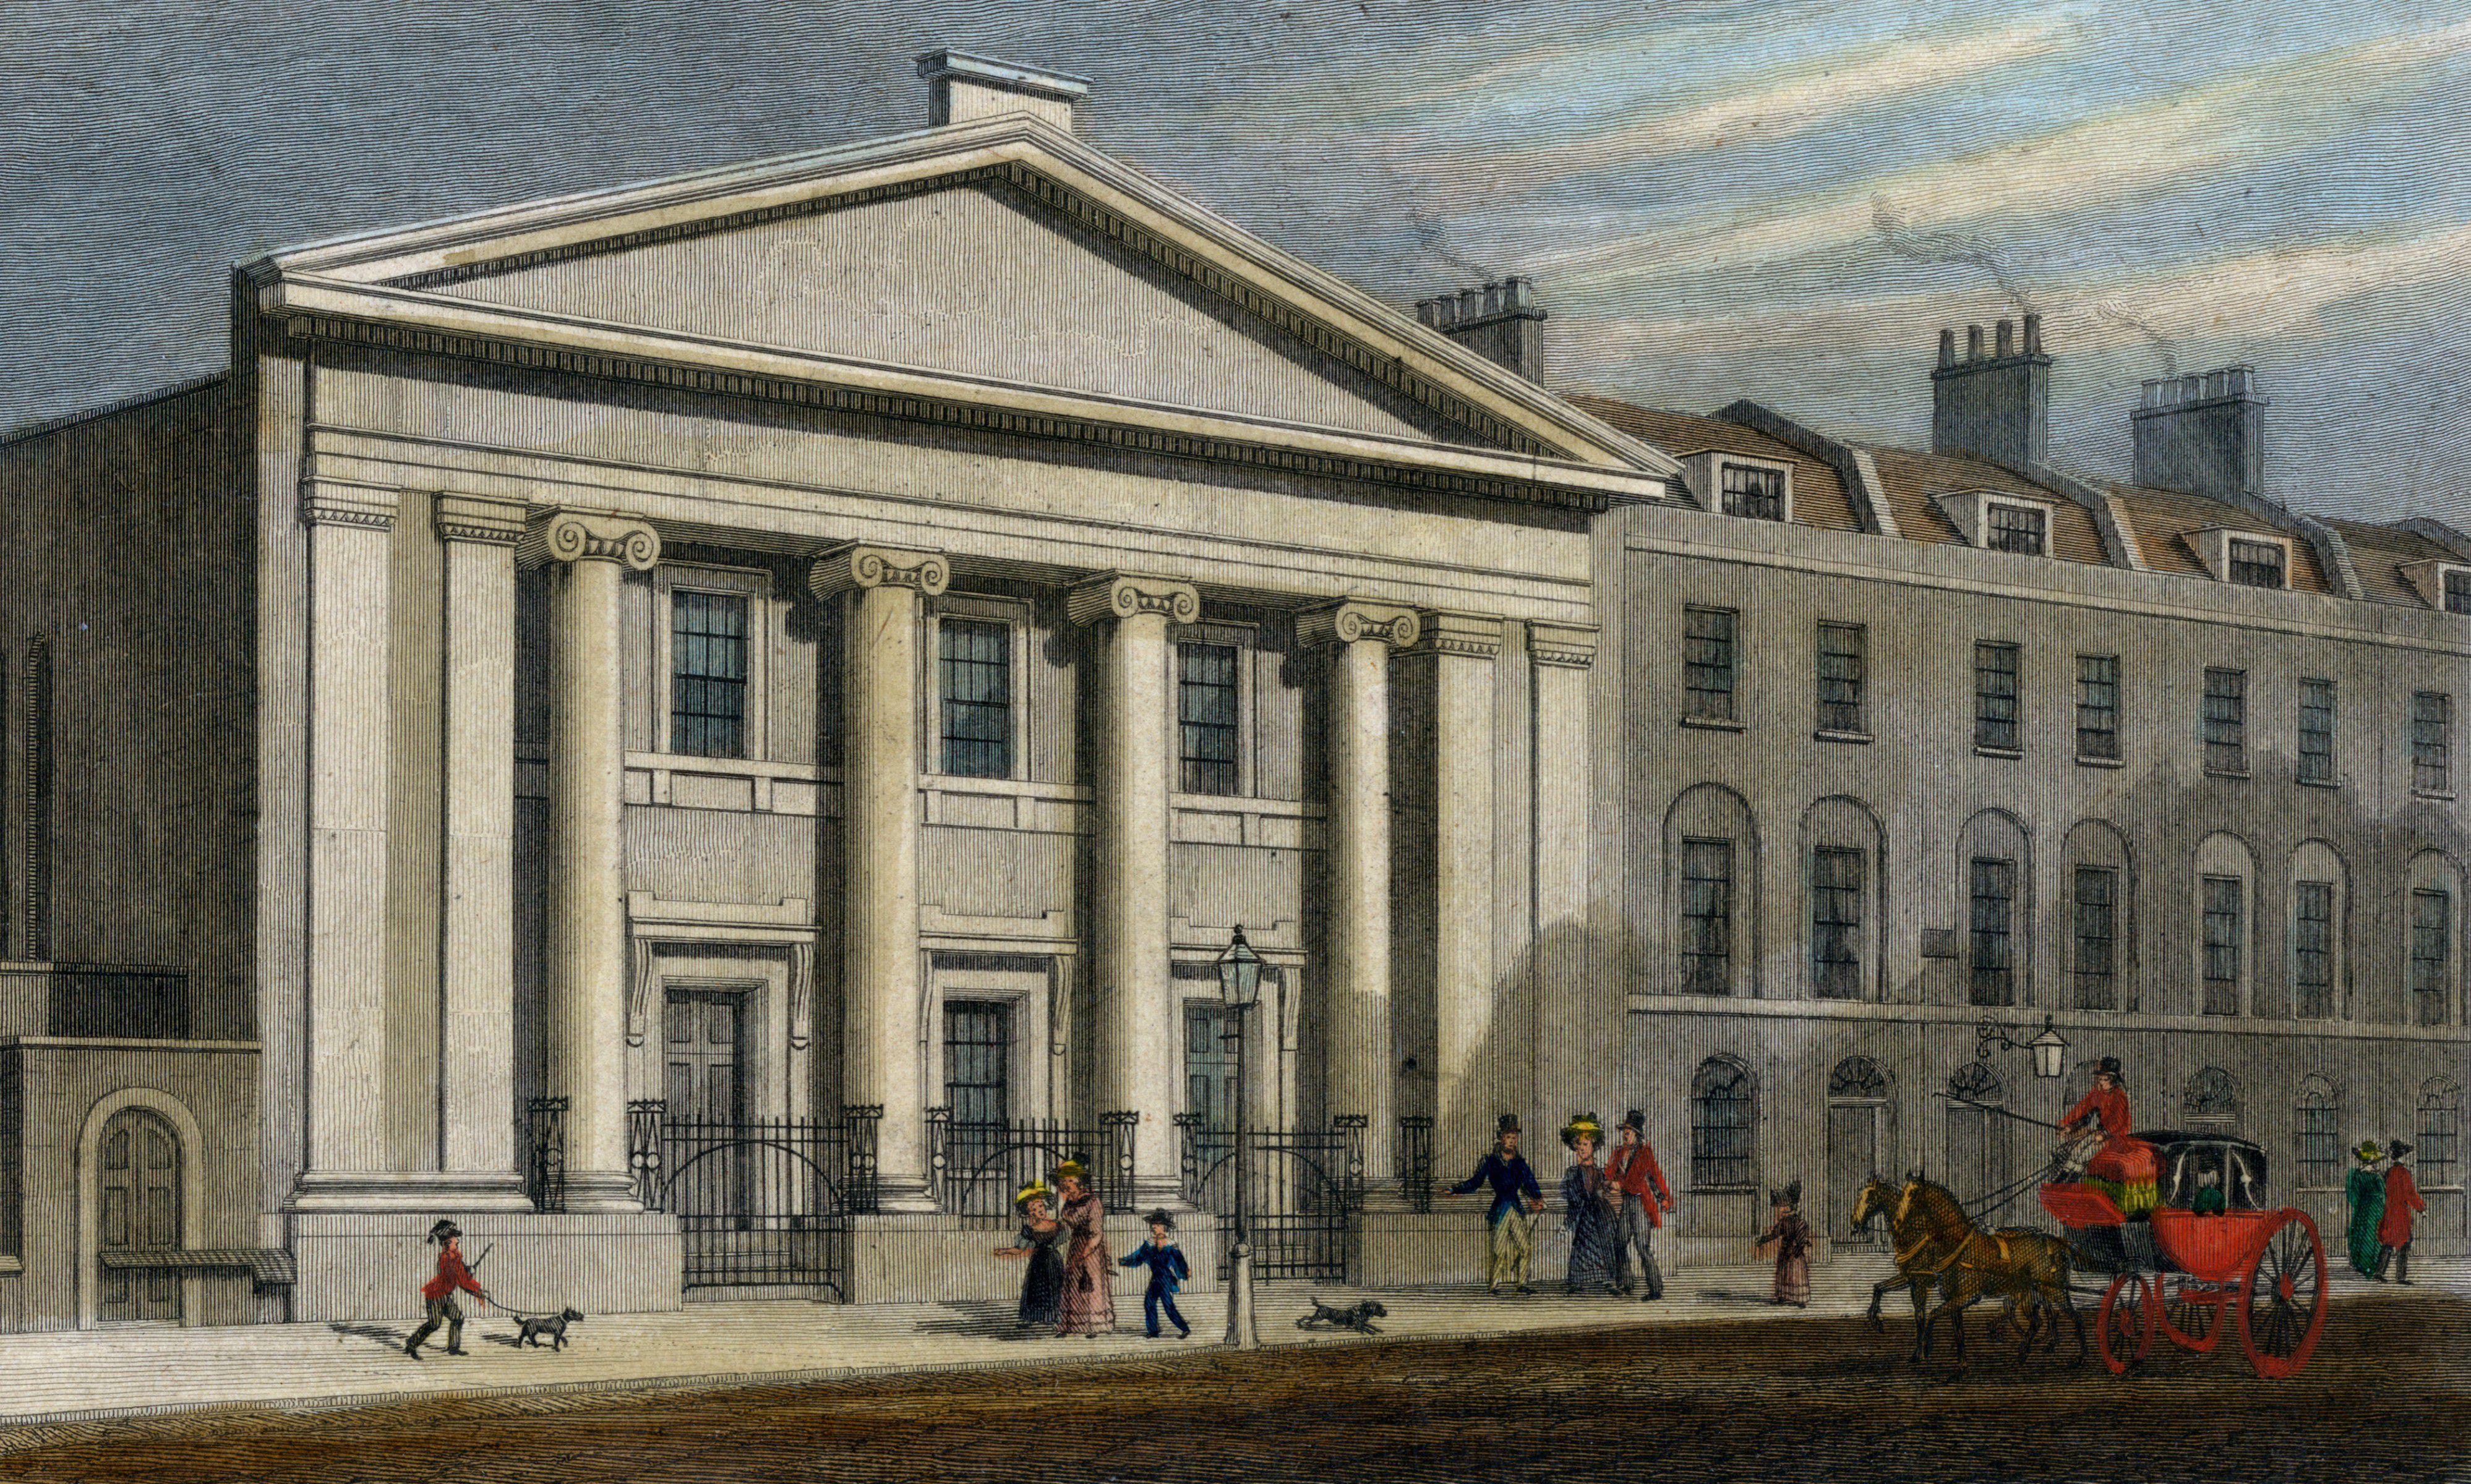 South Place Chapel, London